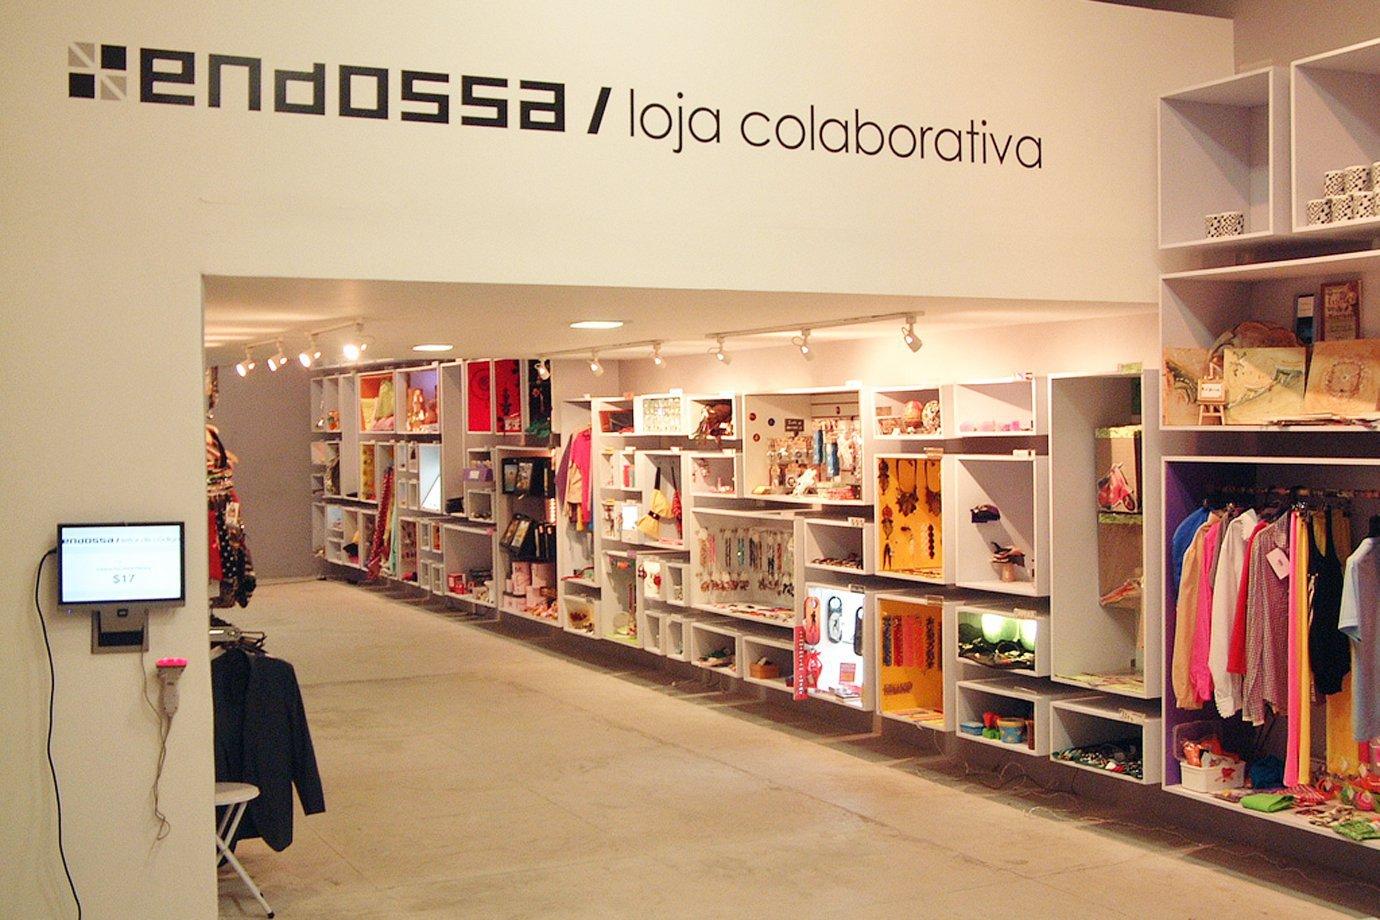 Endossa, loja colaborativa em São Paulo